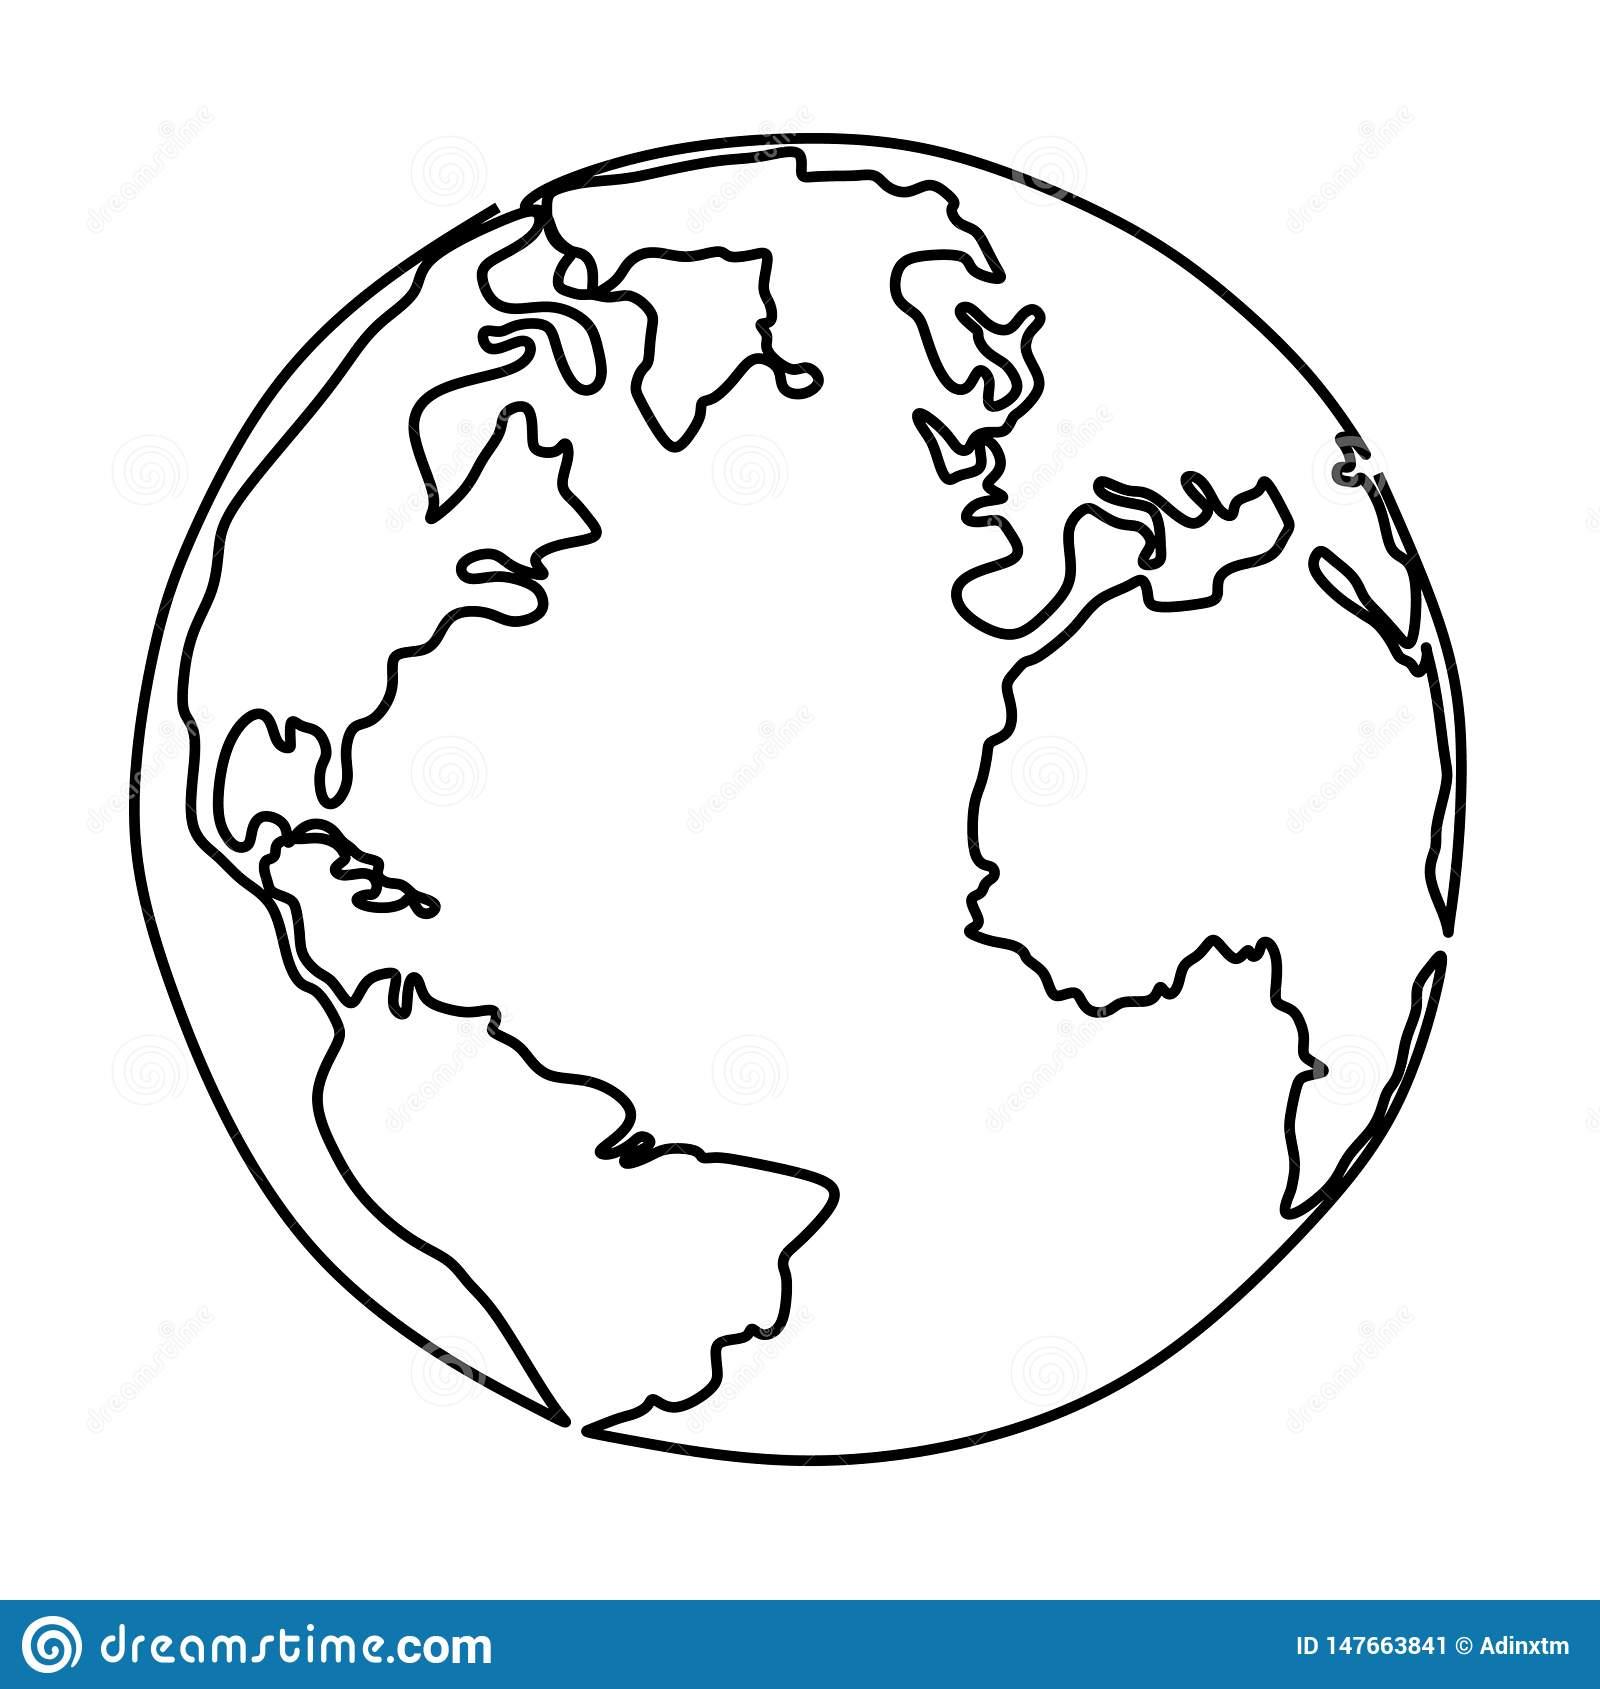 Un Dessin Au Trait De Conception Minimaliste De La Terre avec Image De La Terre Dessin